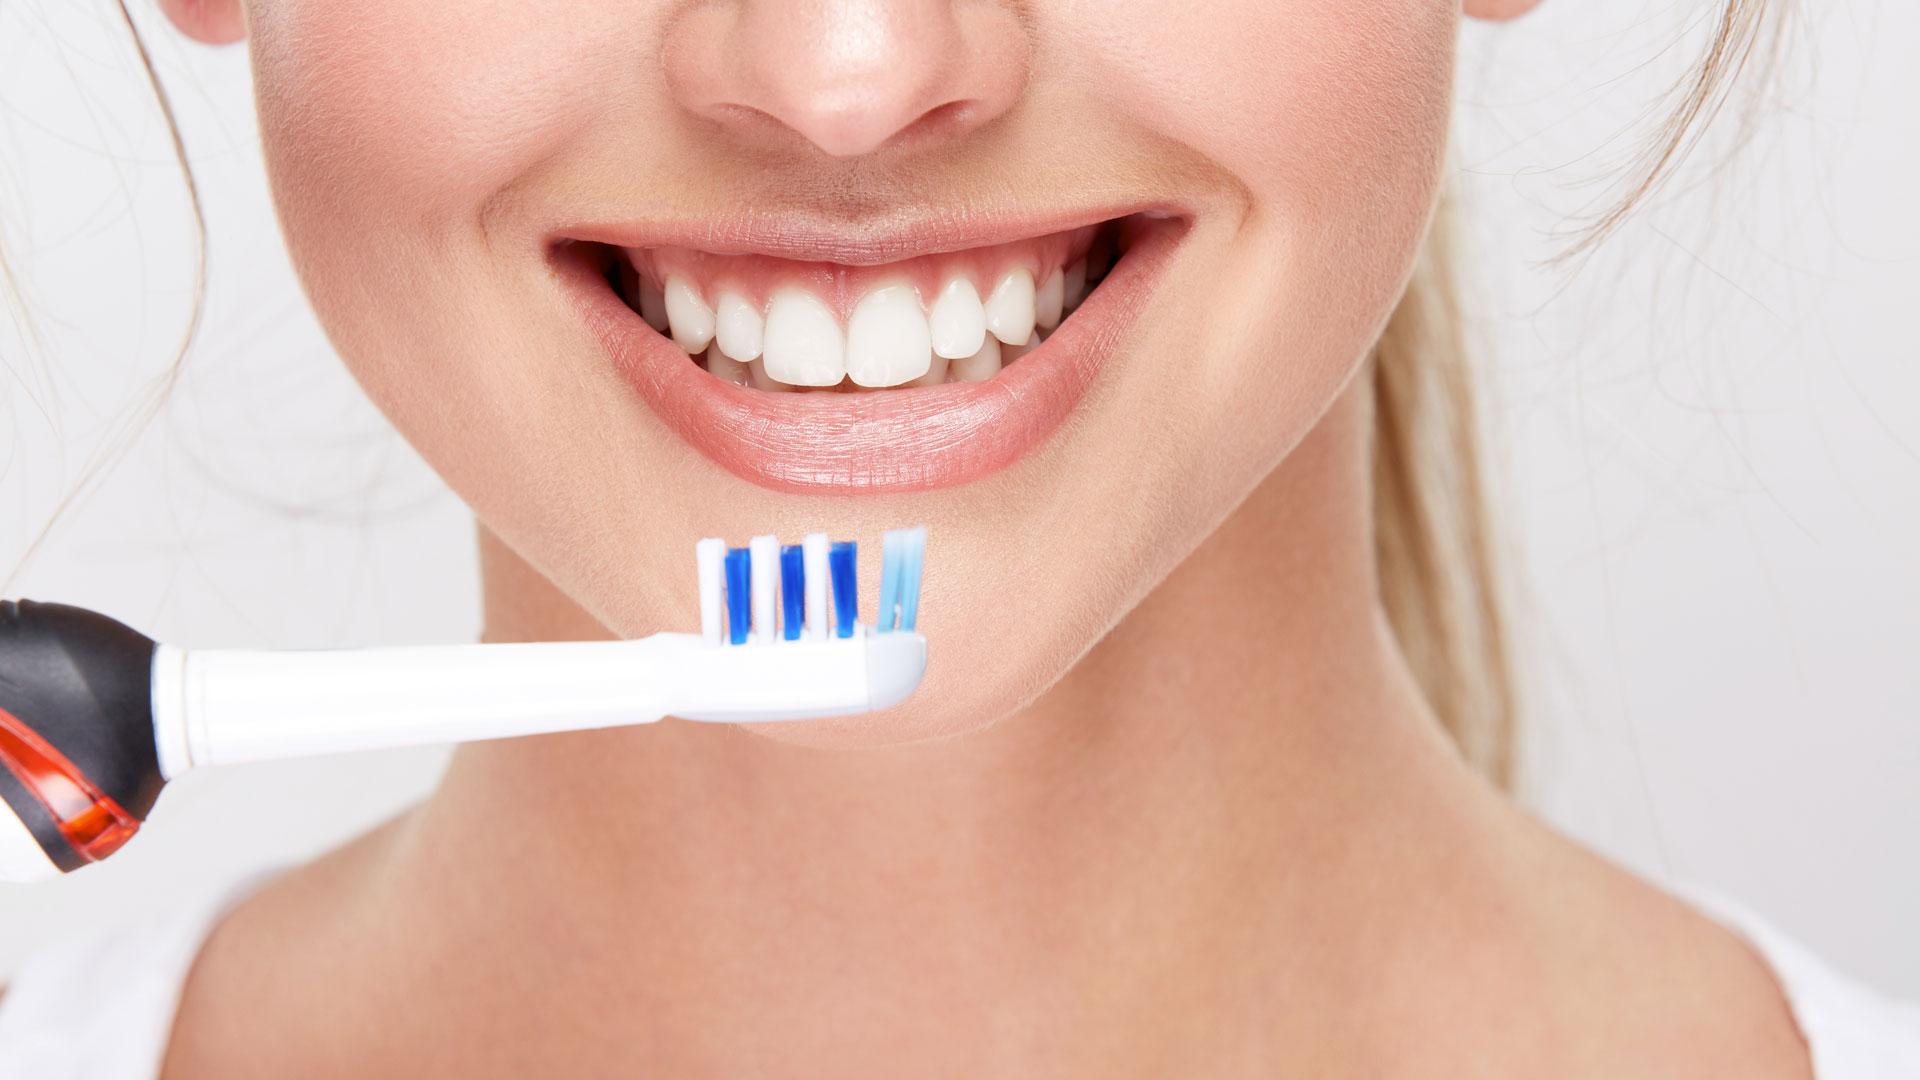 Higiena i Profilaktyka